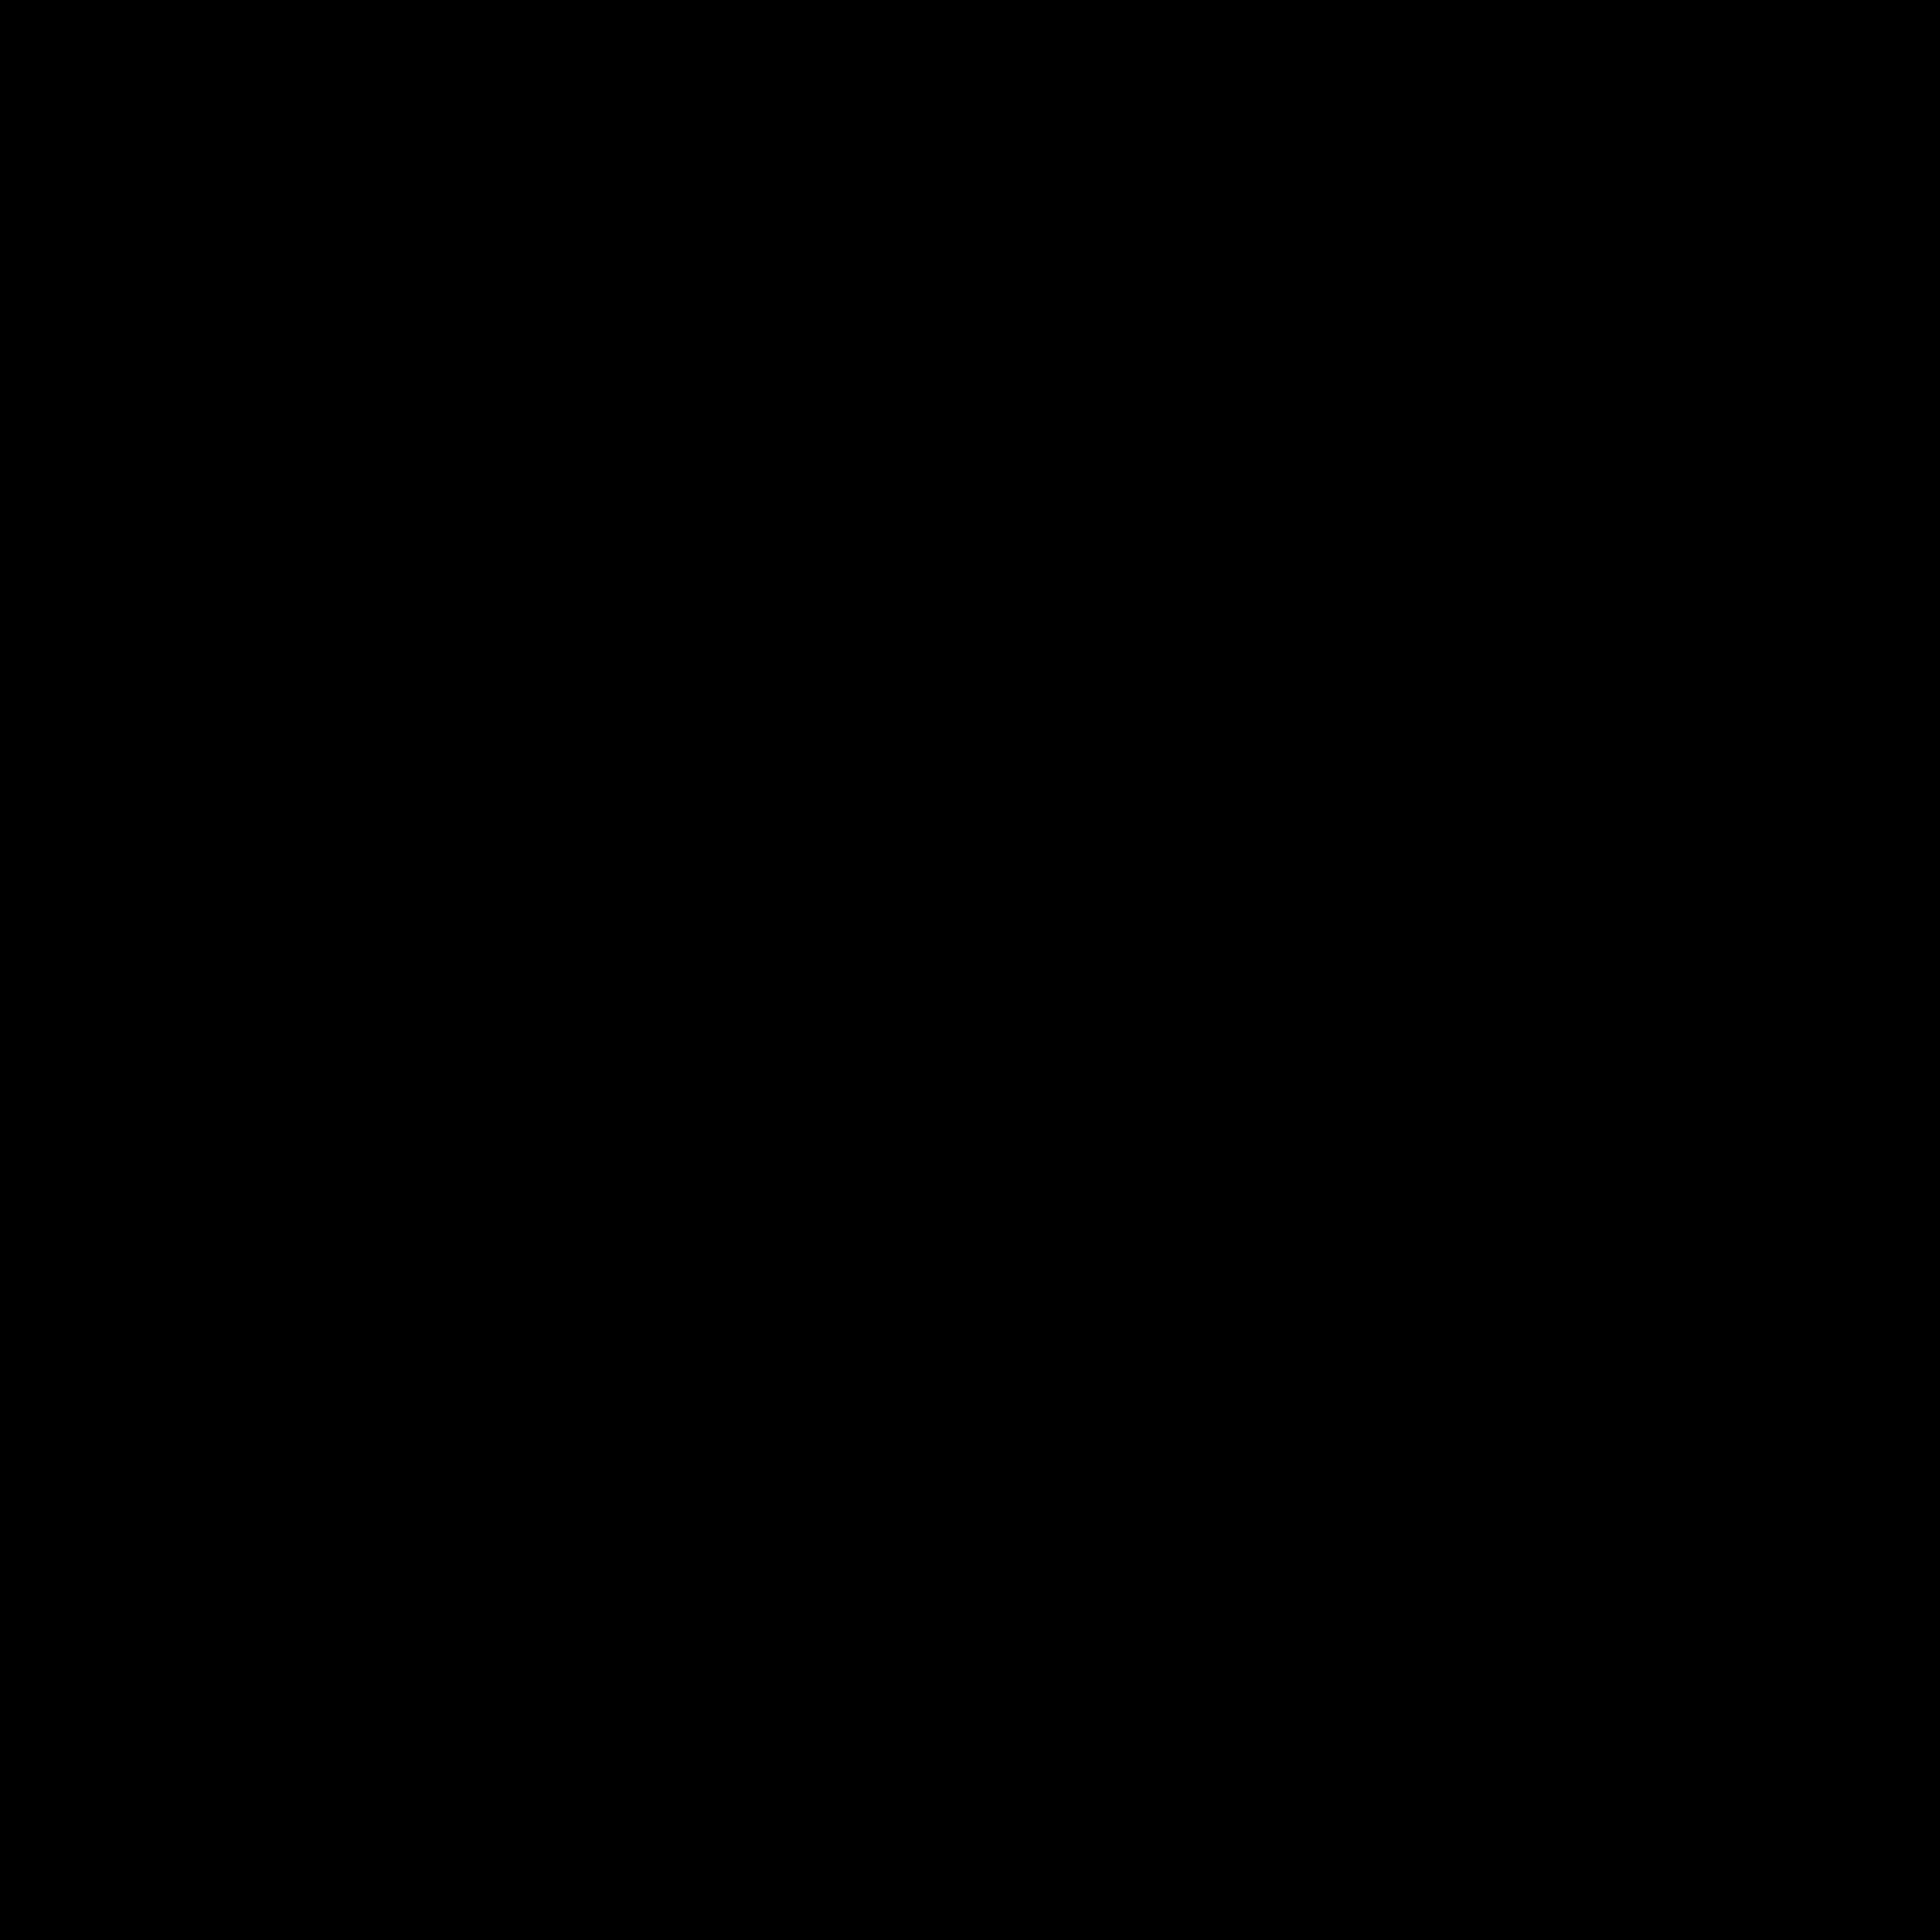 Momo Logo PNG Transparent & SVG Vector.